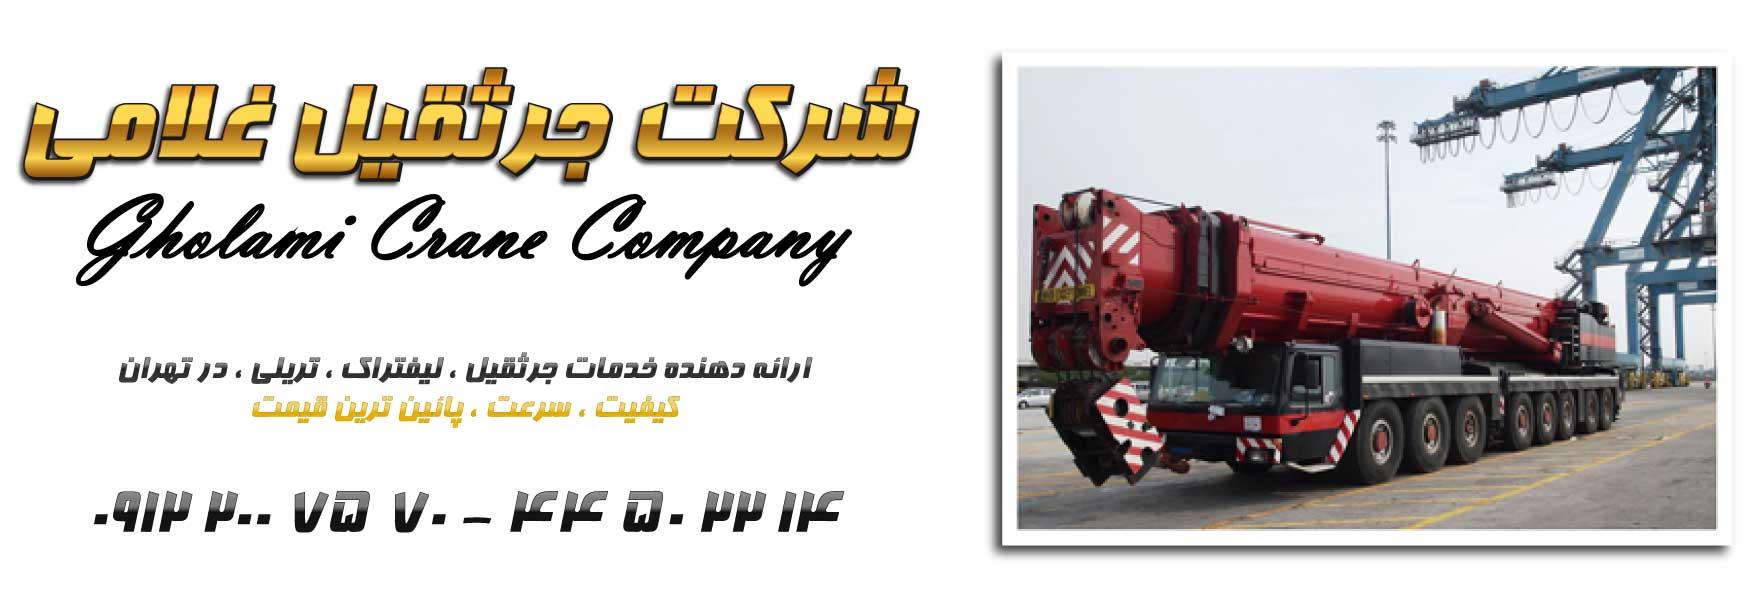 اجاره جرثقیل غلامی - ارائه خدمات اجاره جرثقیل در تهران - 09122007570